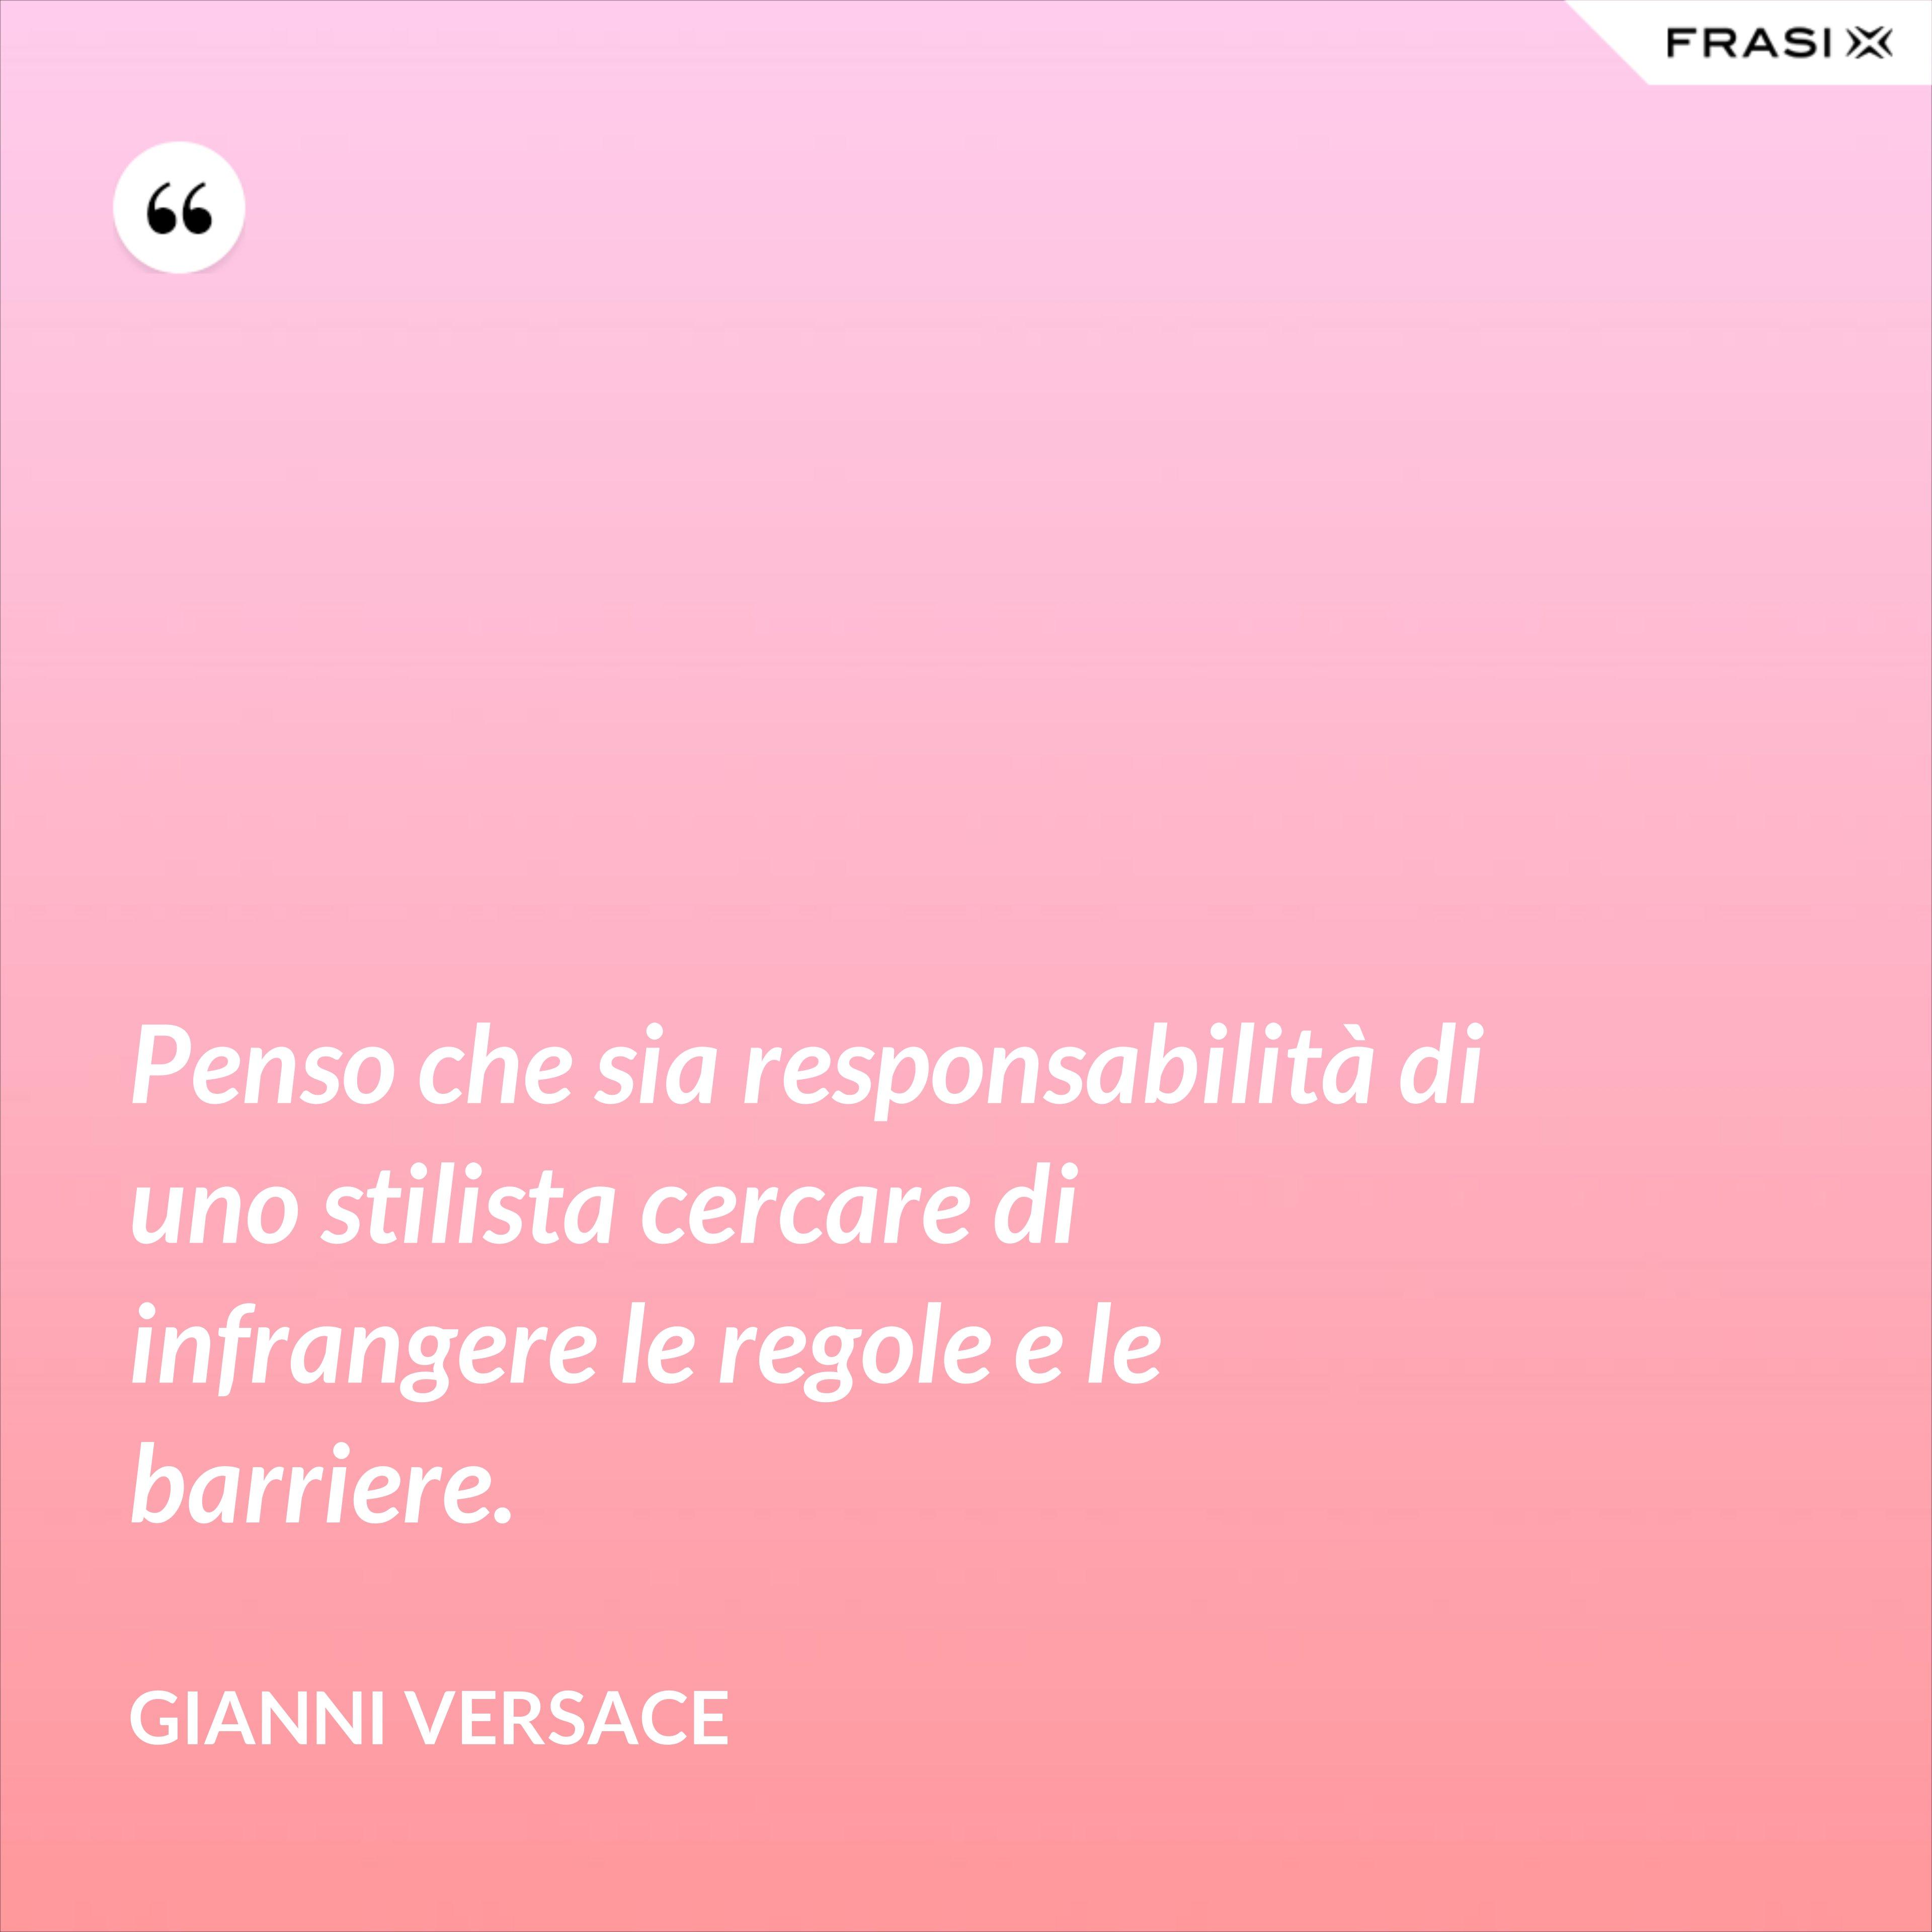 Penso che sia responsabilità di uno stilista cercare di infrangere le regole e le barriere. - Gianni Versace